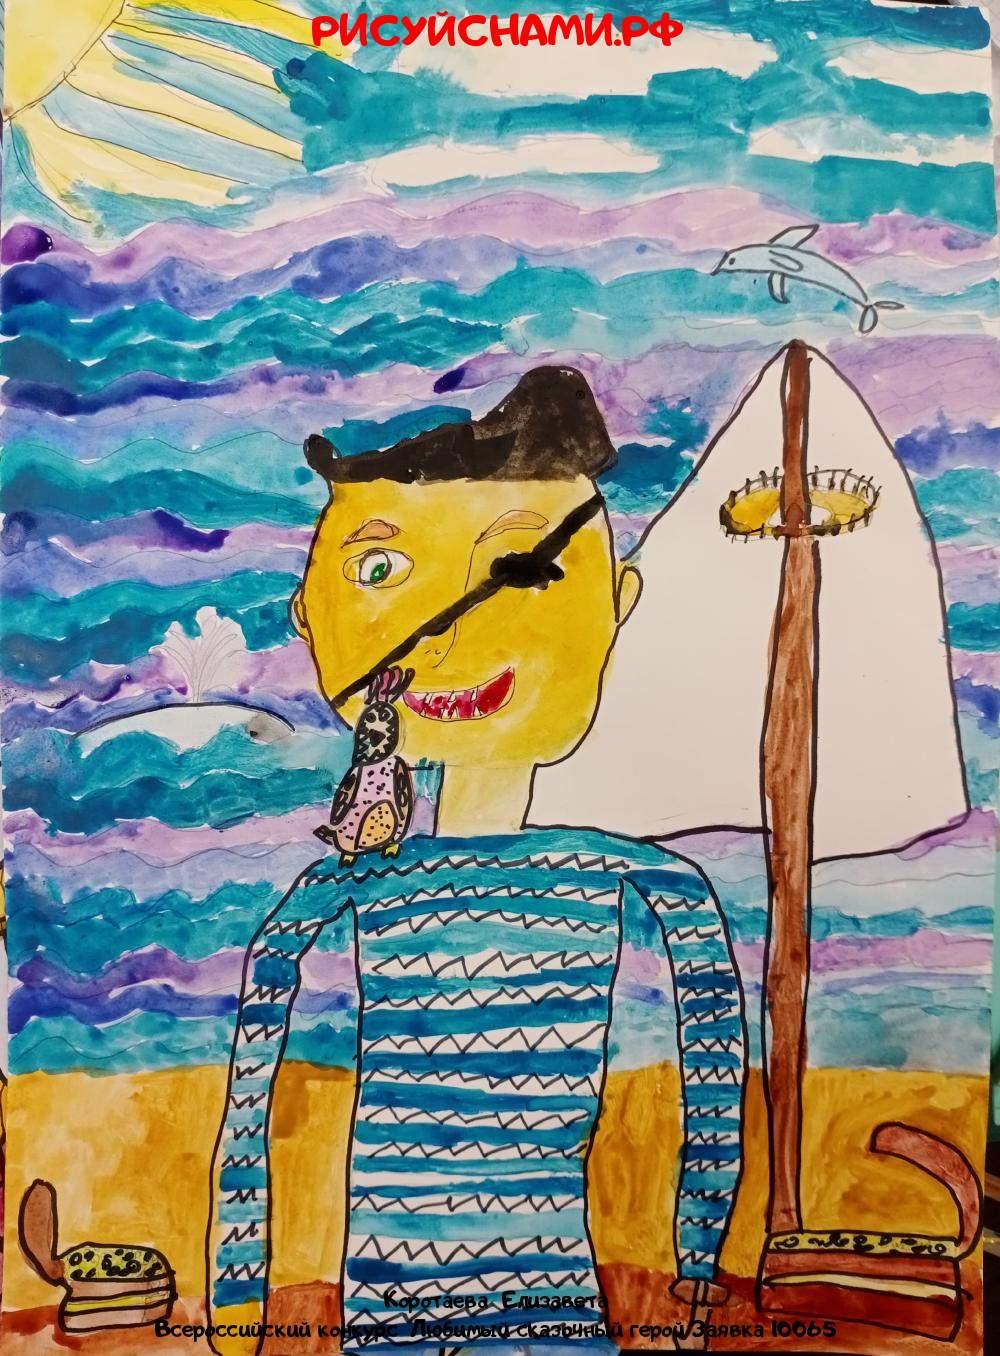 Всероссийский конкурс  Любимый сказочный герой Заявка 10065  творческие конкурсы рисунков для школьников и дошкольников рисуй с нами #тмрисуйснами рисунок и поделка - Коротаева  Елизавета